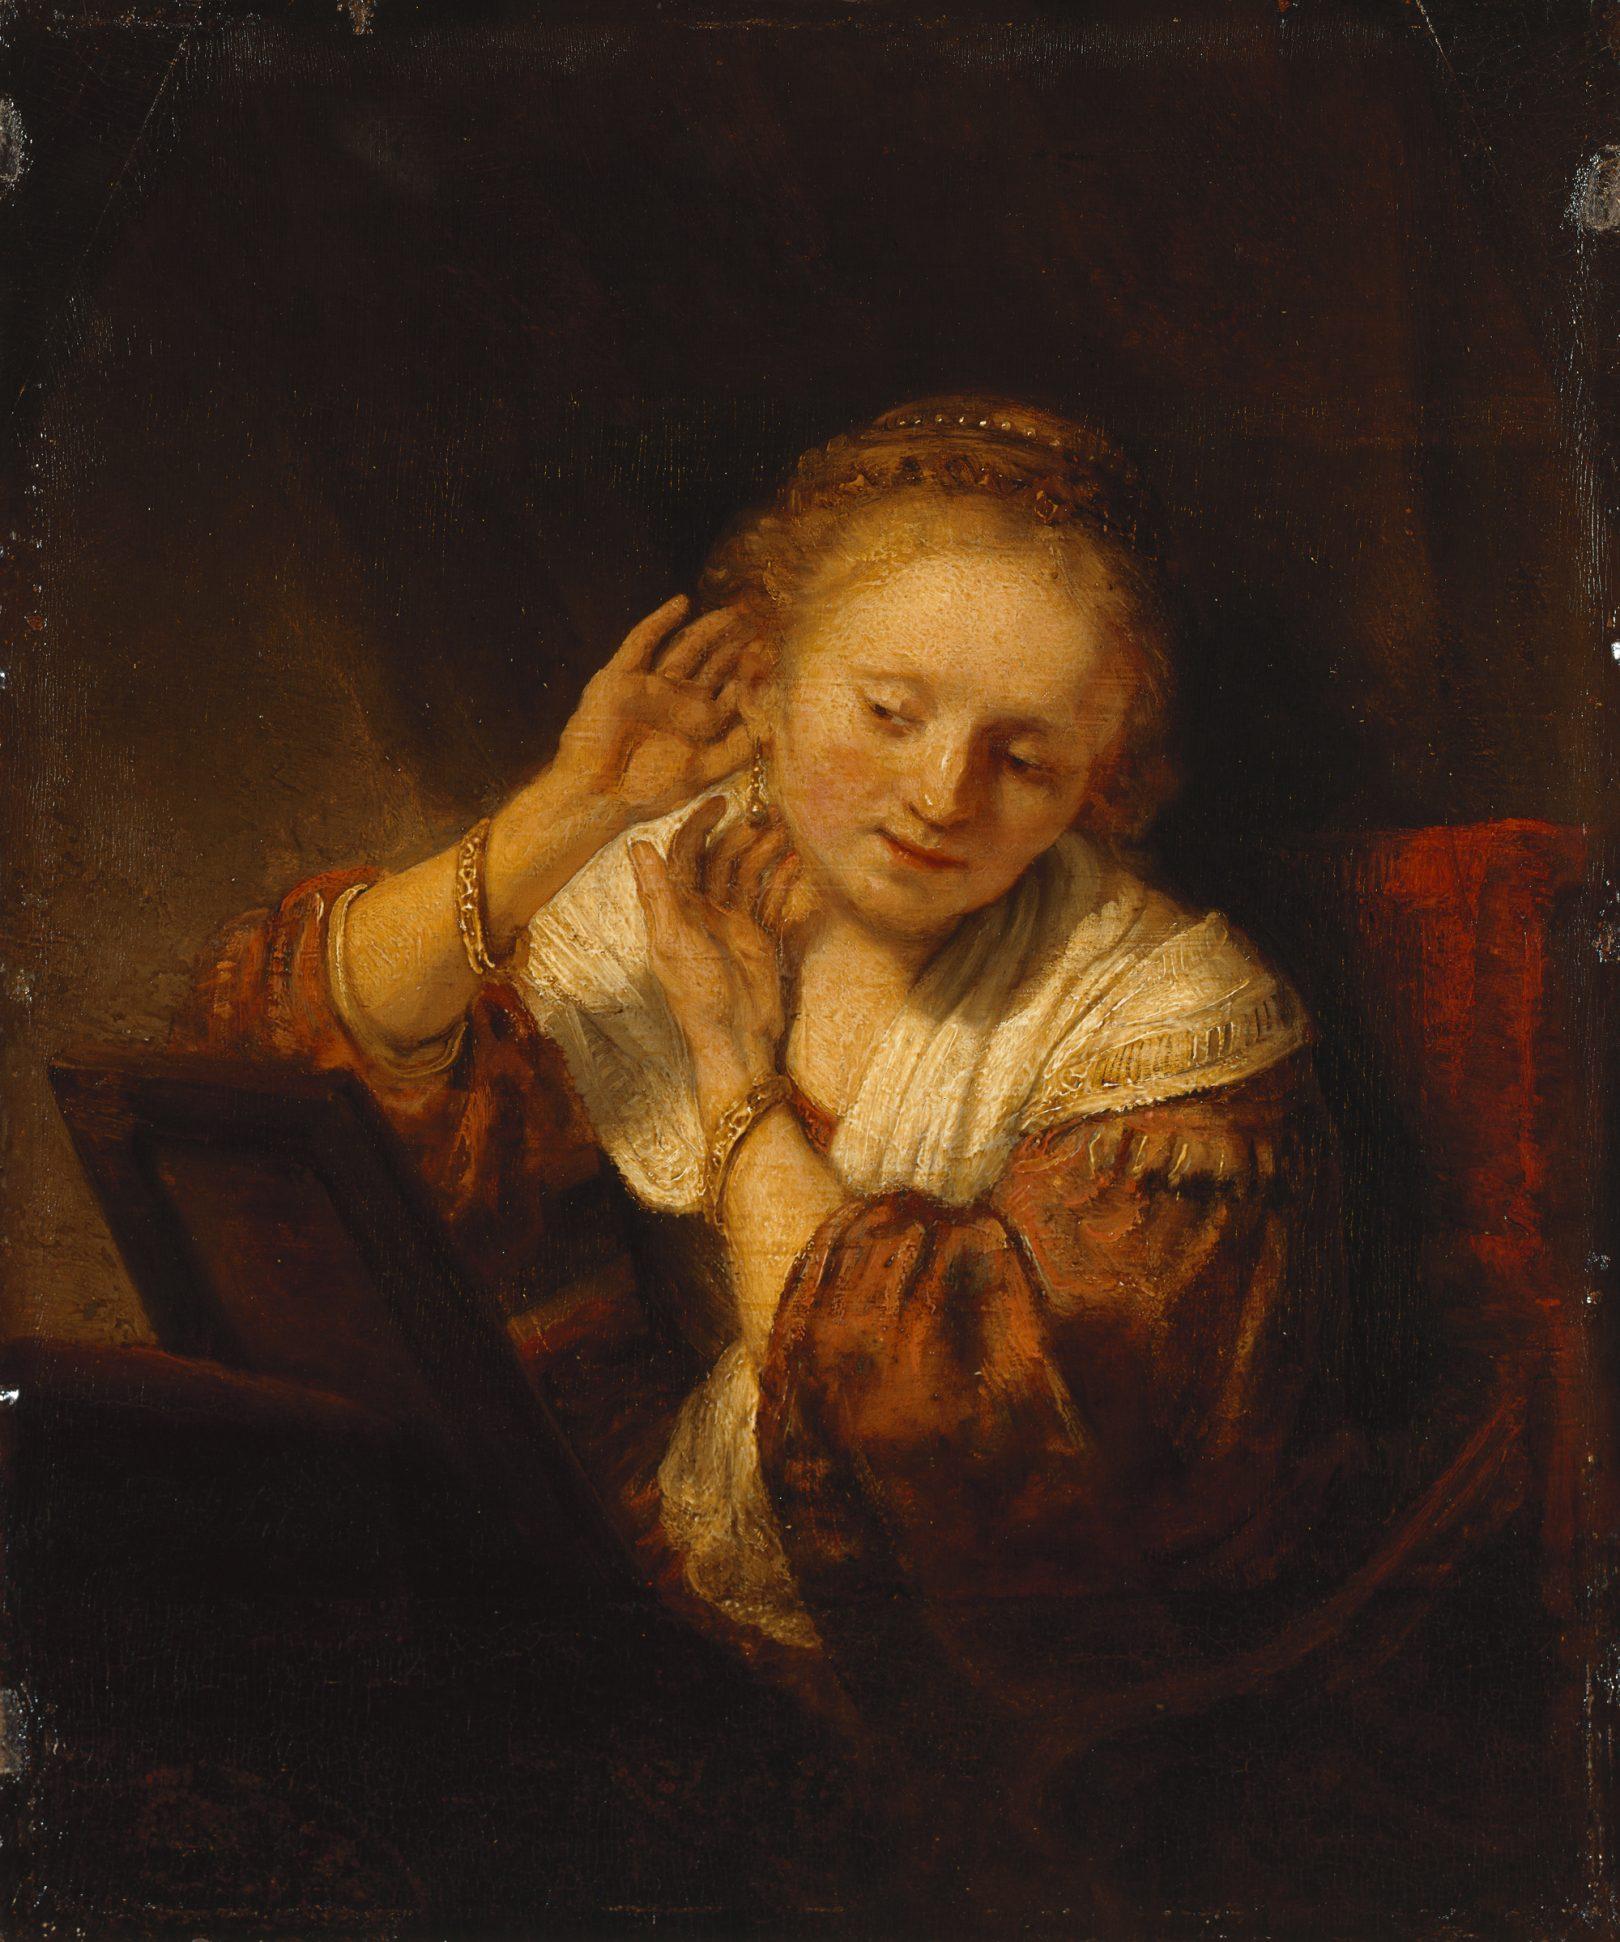 Rembrandt, Jonge vrouw met oorbellen, 1656, © State Hermitage Museum, St.-Petersburg